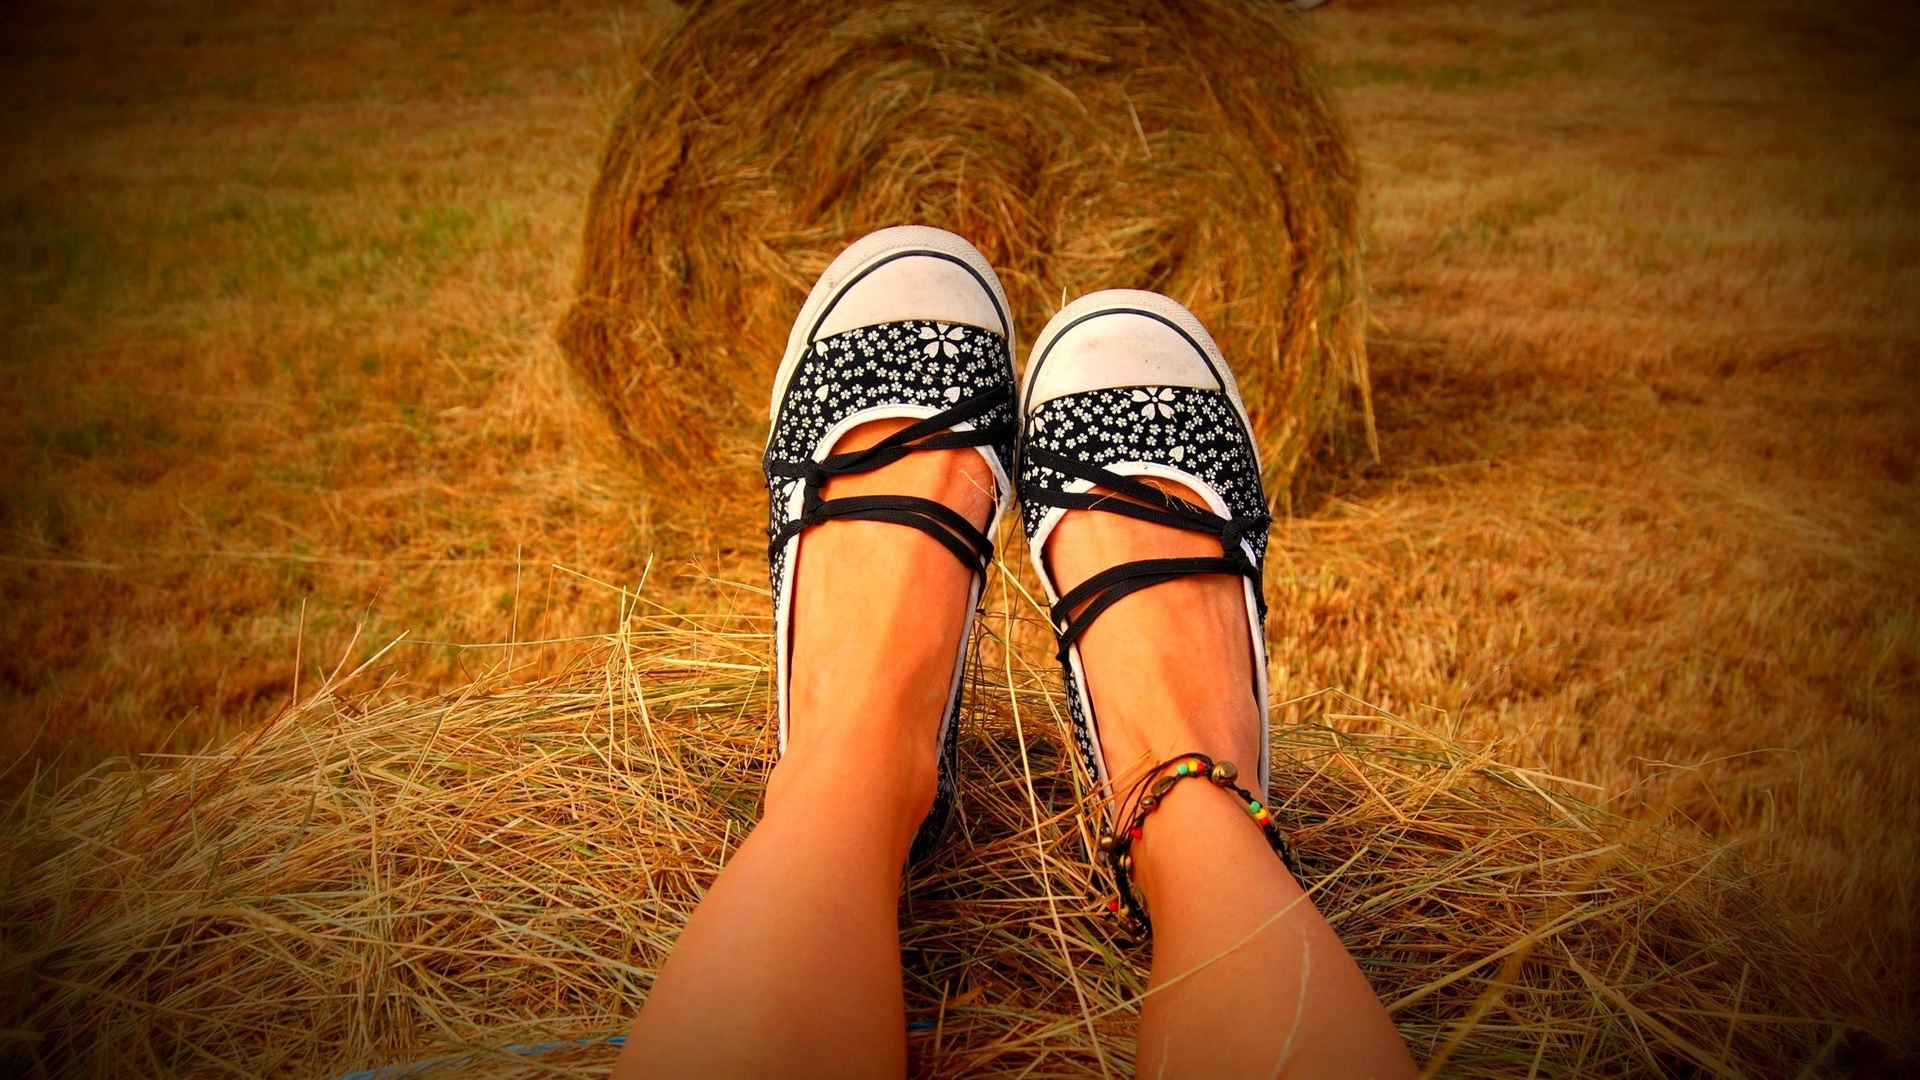 ножки фото hd